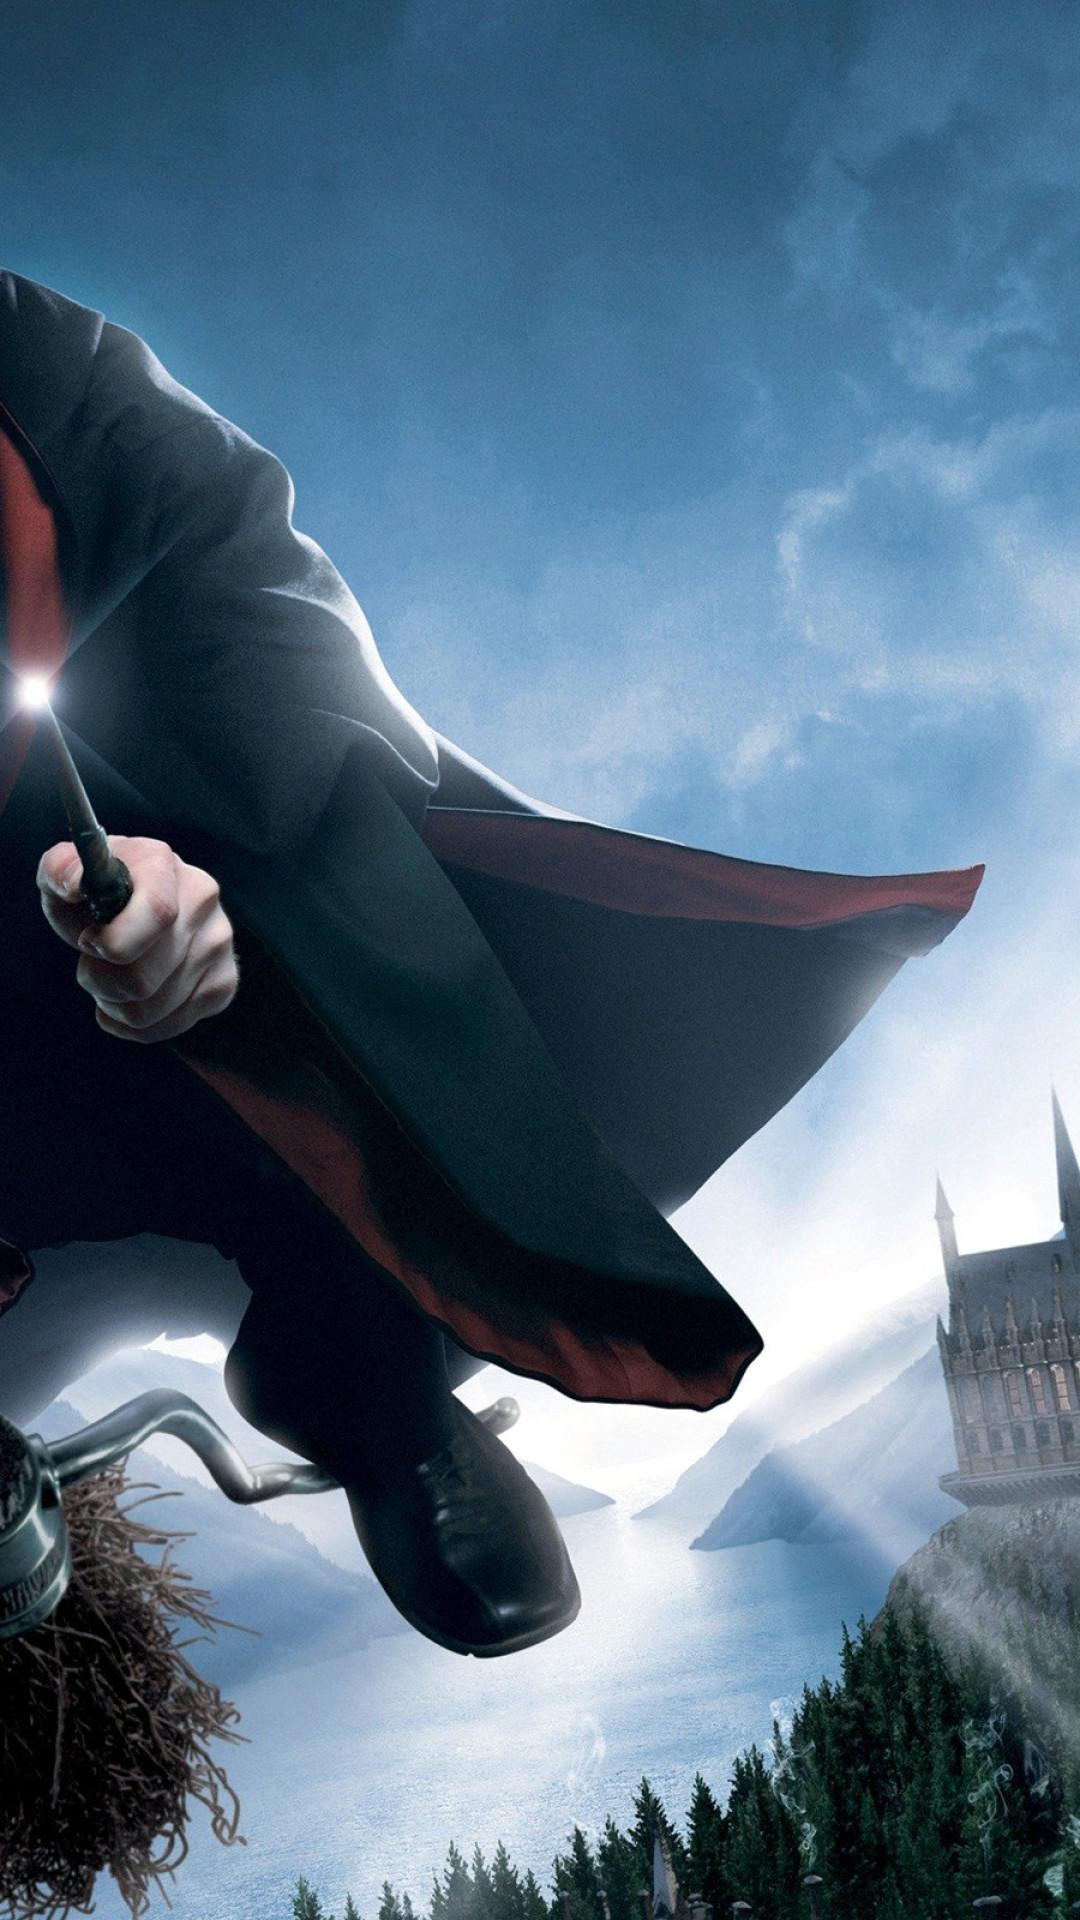 Hogwarts iphone wallpaper 62 images - Harry potter images download ...